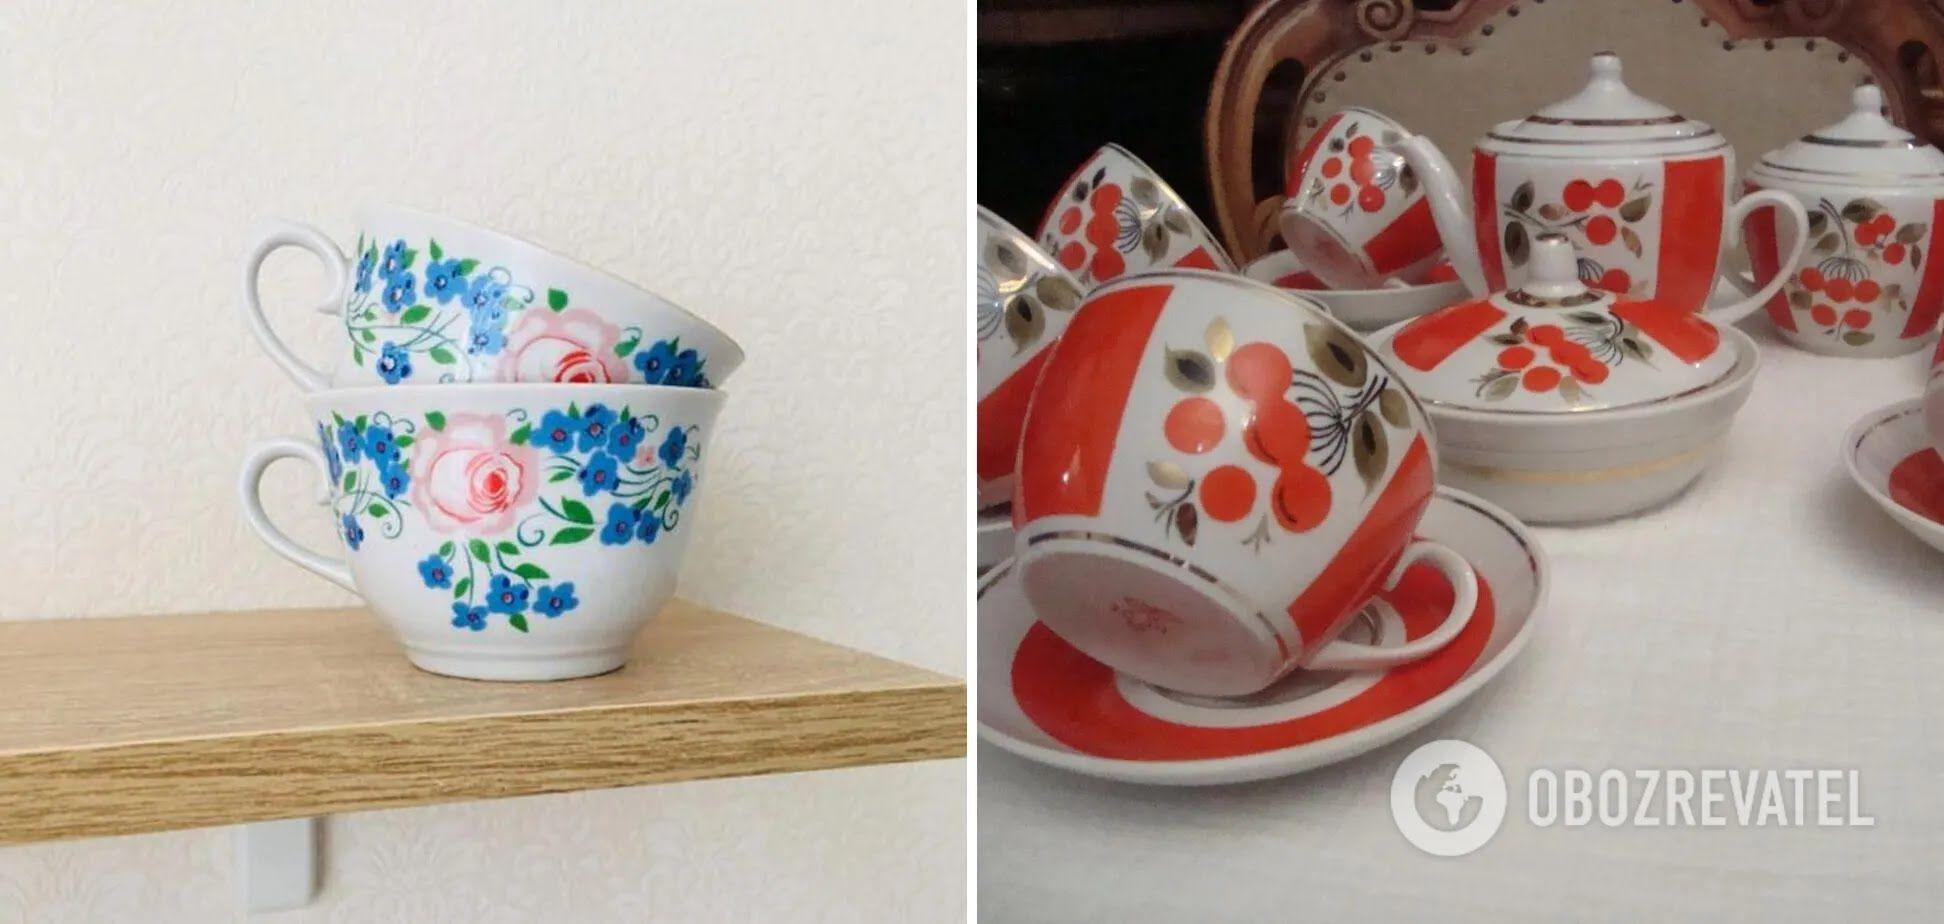 Фарфоровий посуд з розписом знову став популярним